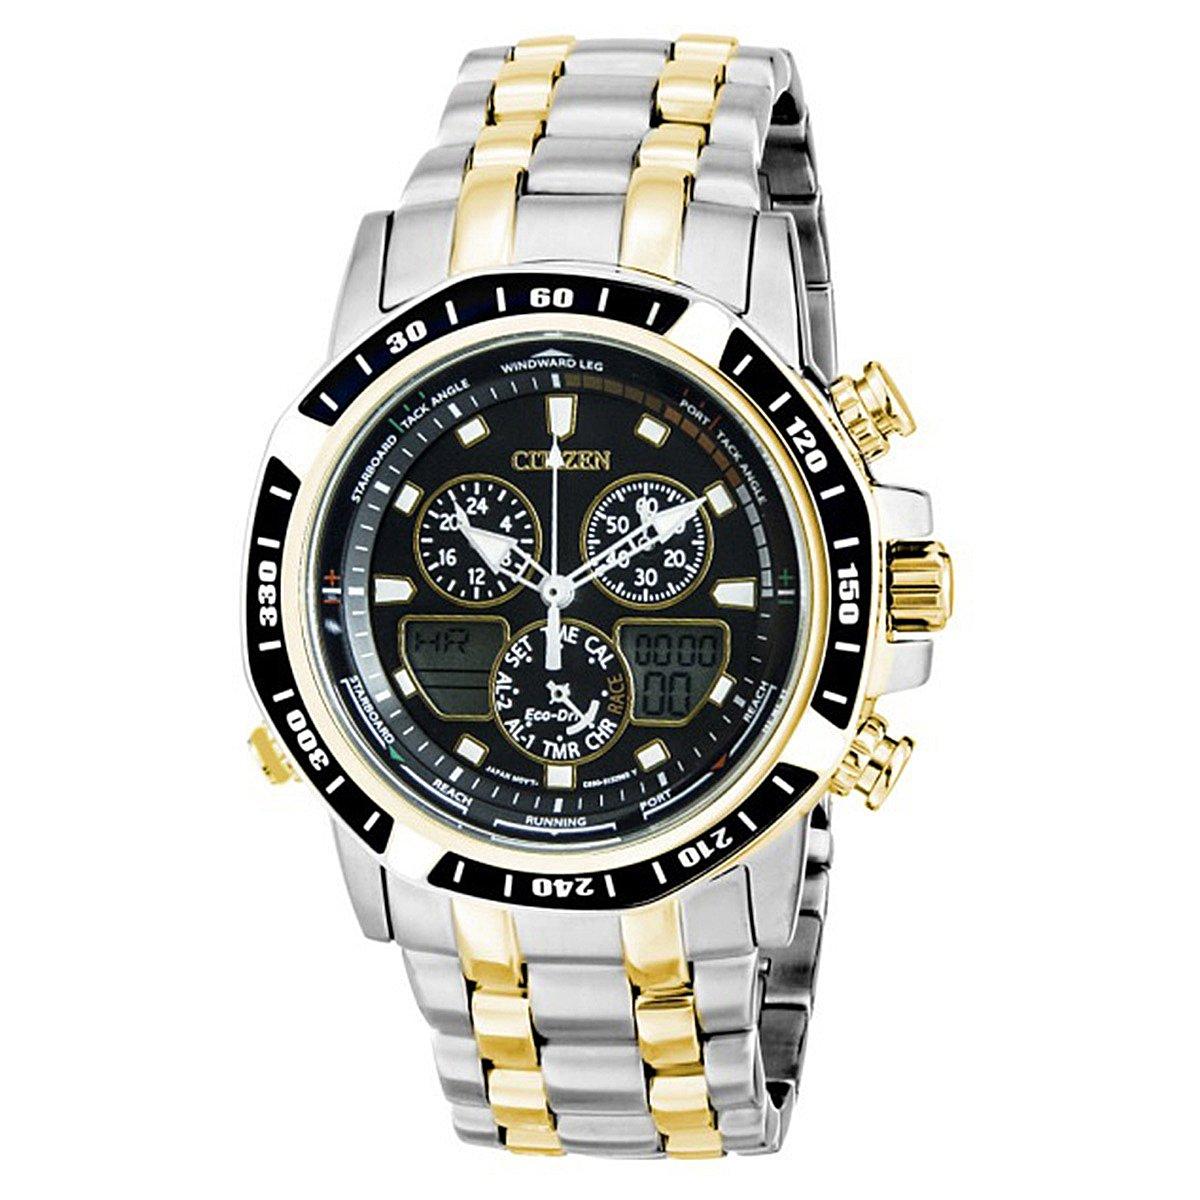 3c33b4060a8 Relógio Citizen Analógico TZ10182P Masculino - Compre Agora